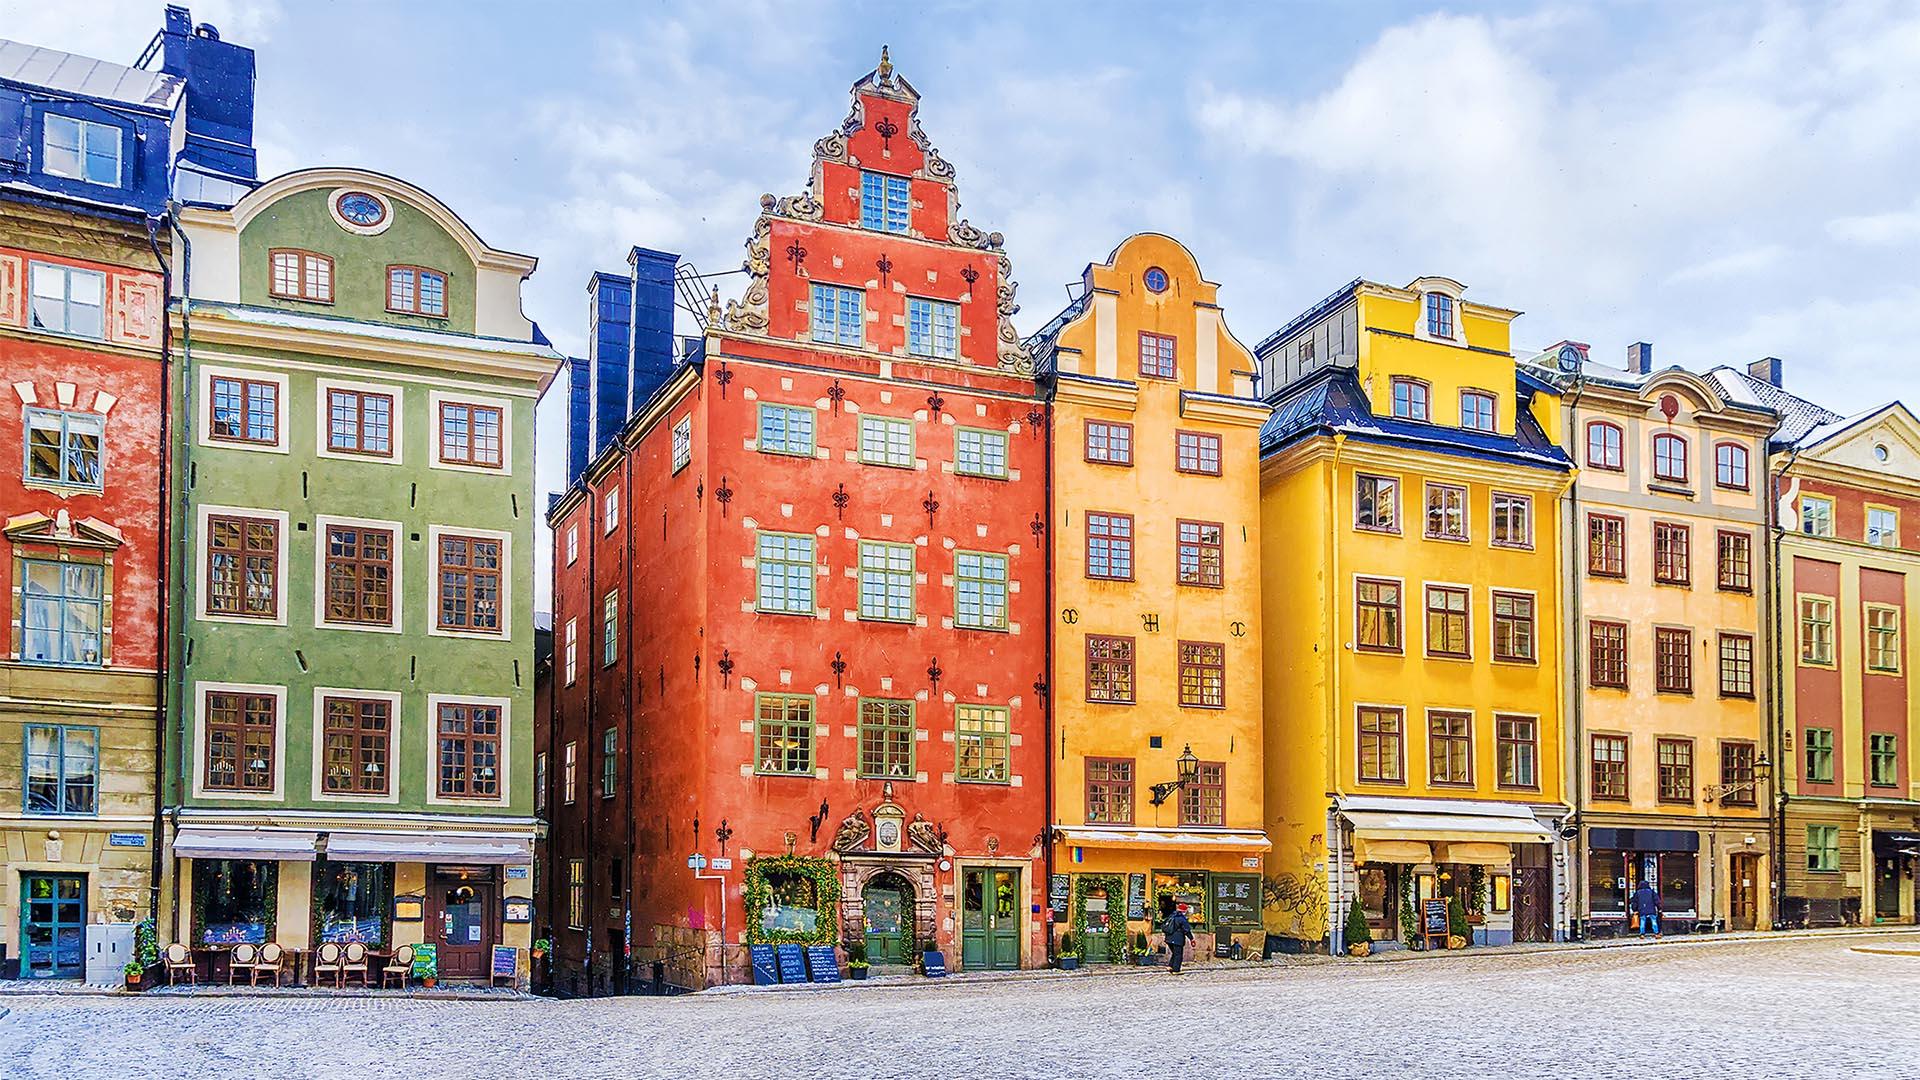 Estocolmo sigue siendo una de las ciudades más seguras, no solo en Europa, sino en el mundo. Es una ciudad con una tasa de criminalidad tremendamente baja, y donde tanto los residentes como los turistas se sienten seguros